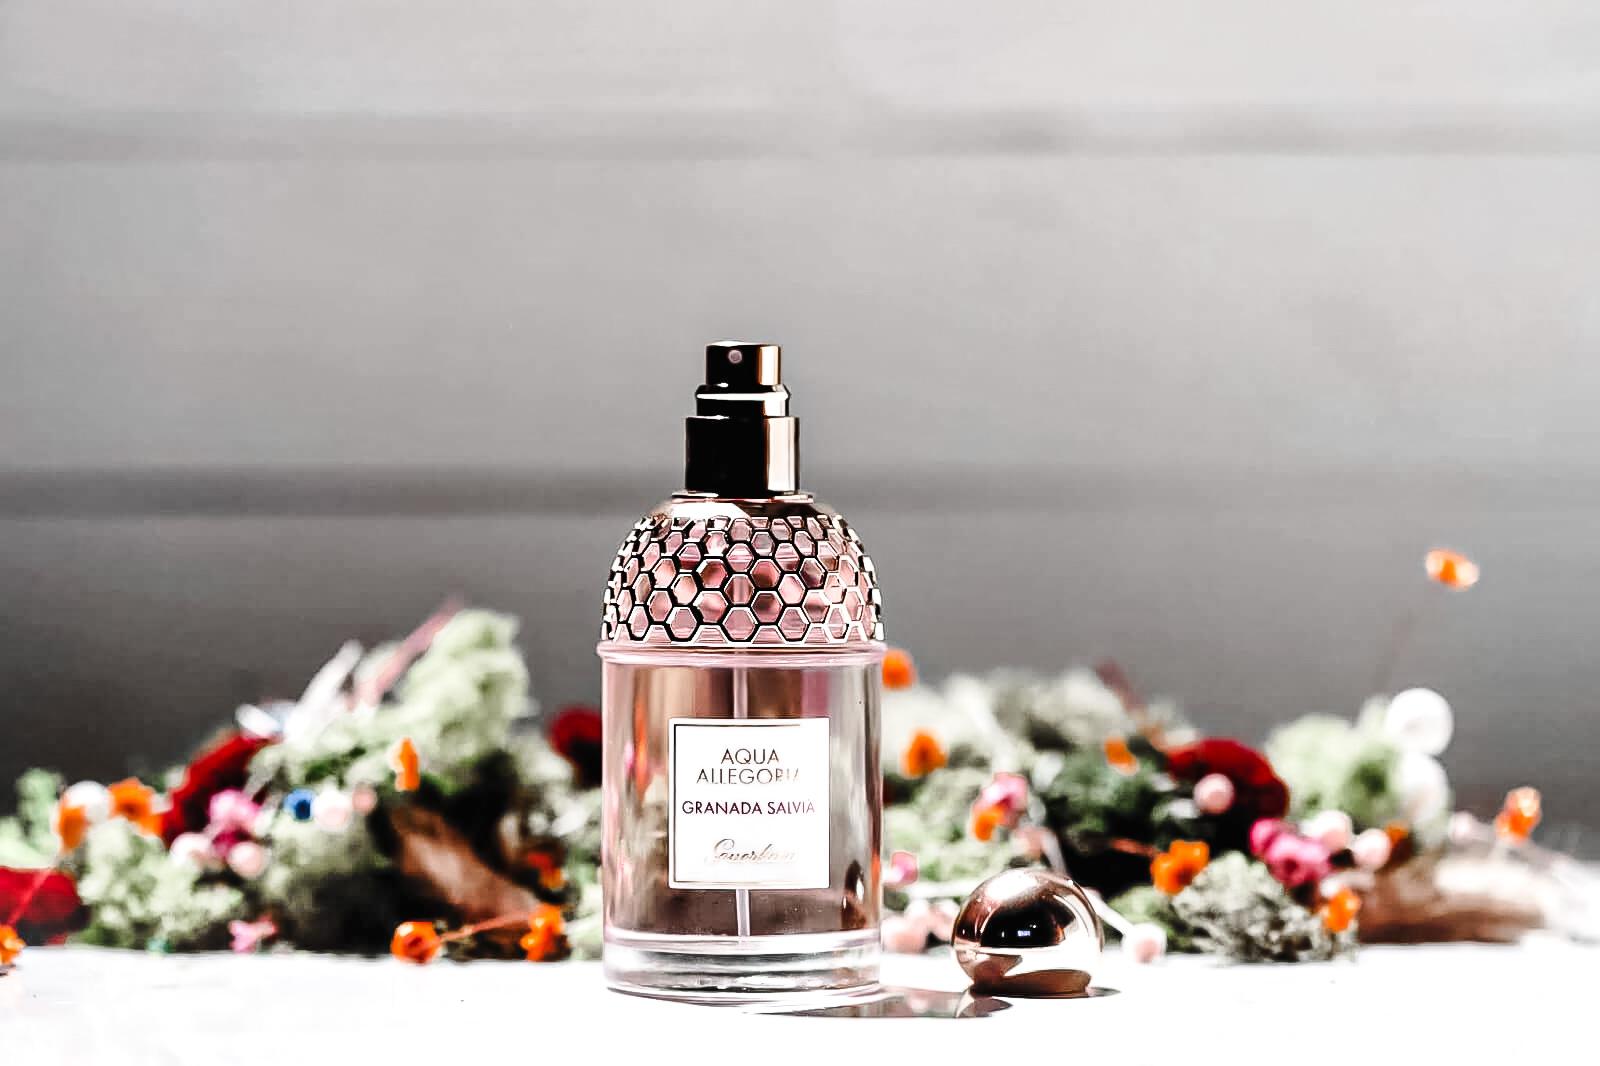 Guerlain Aqua Allegoria Granada Salvia Parfum